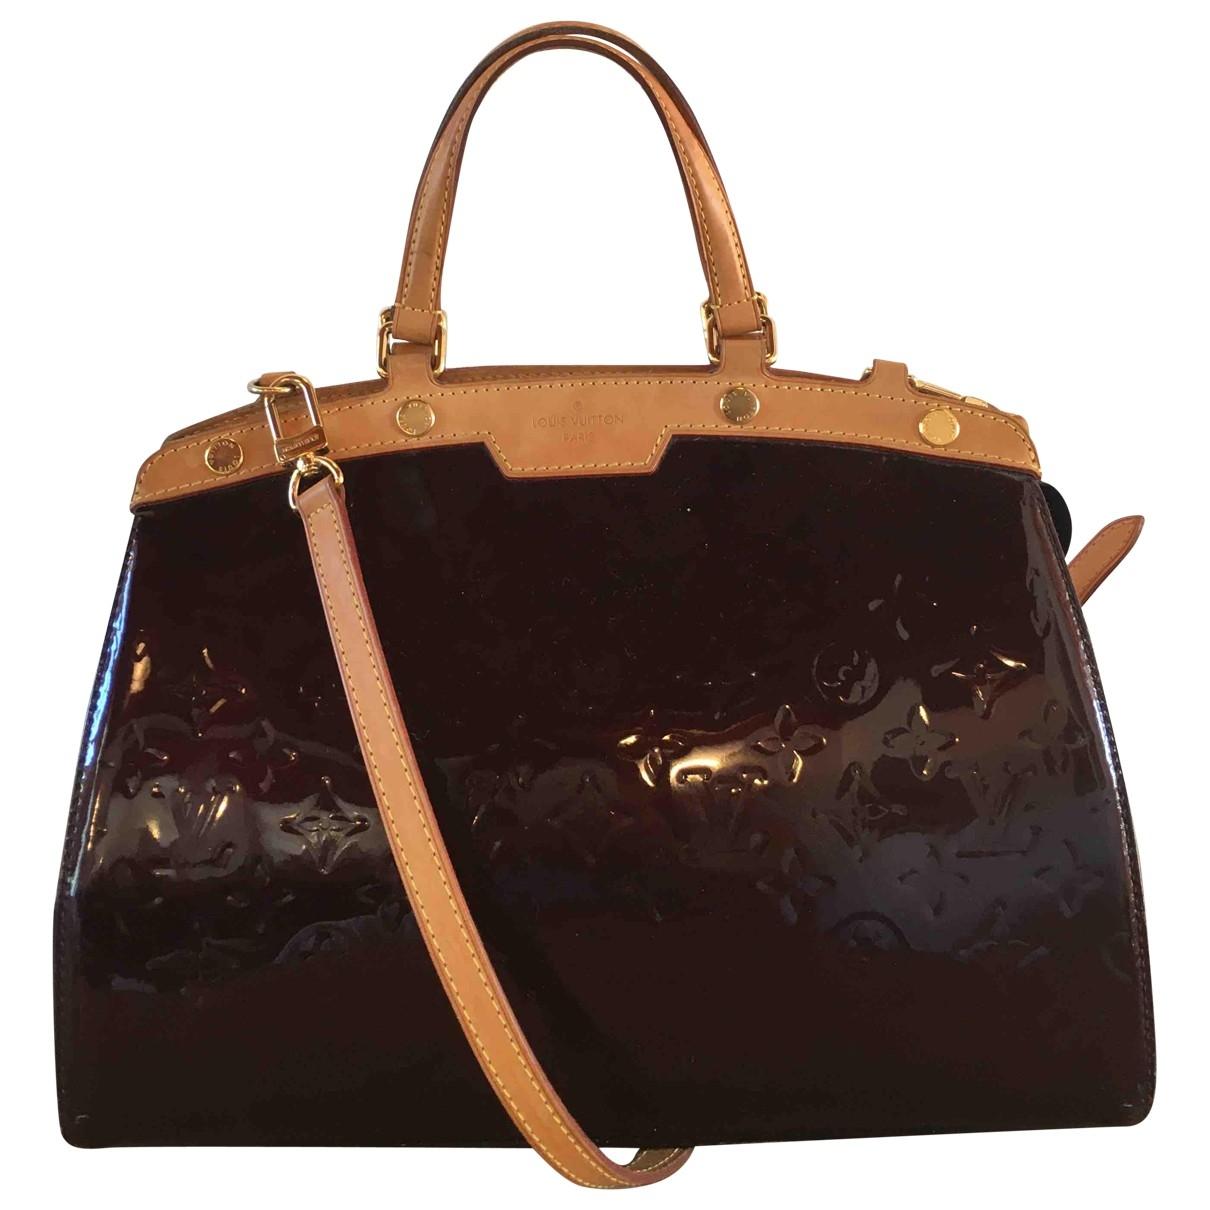 Louis Vuitton - Sac a main Brea pour femme en cuir verni - bordeaux